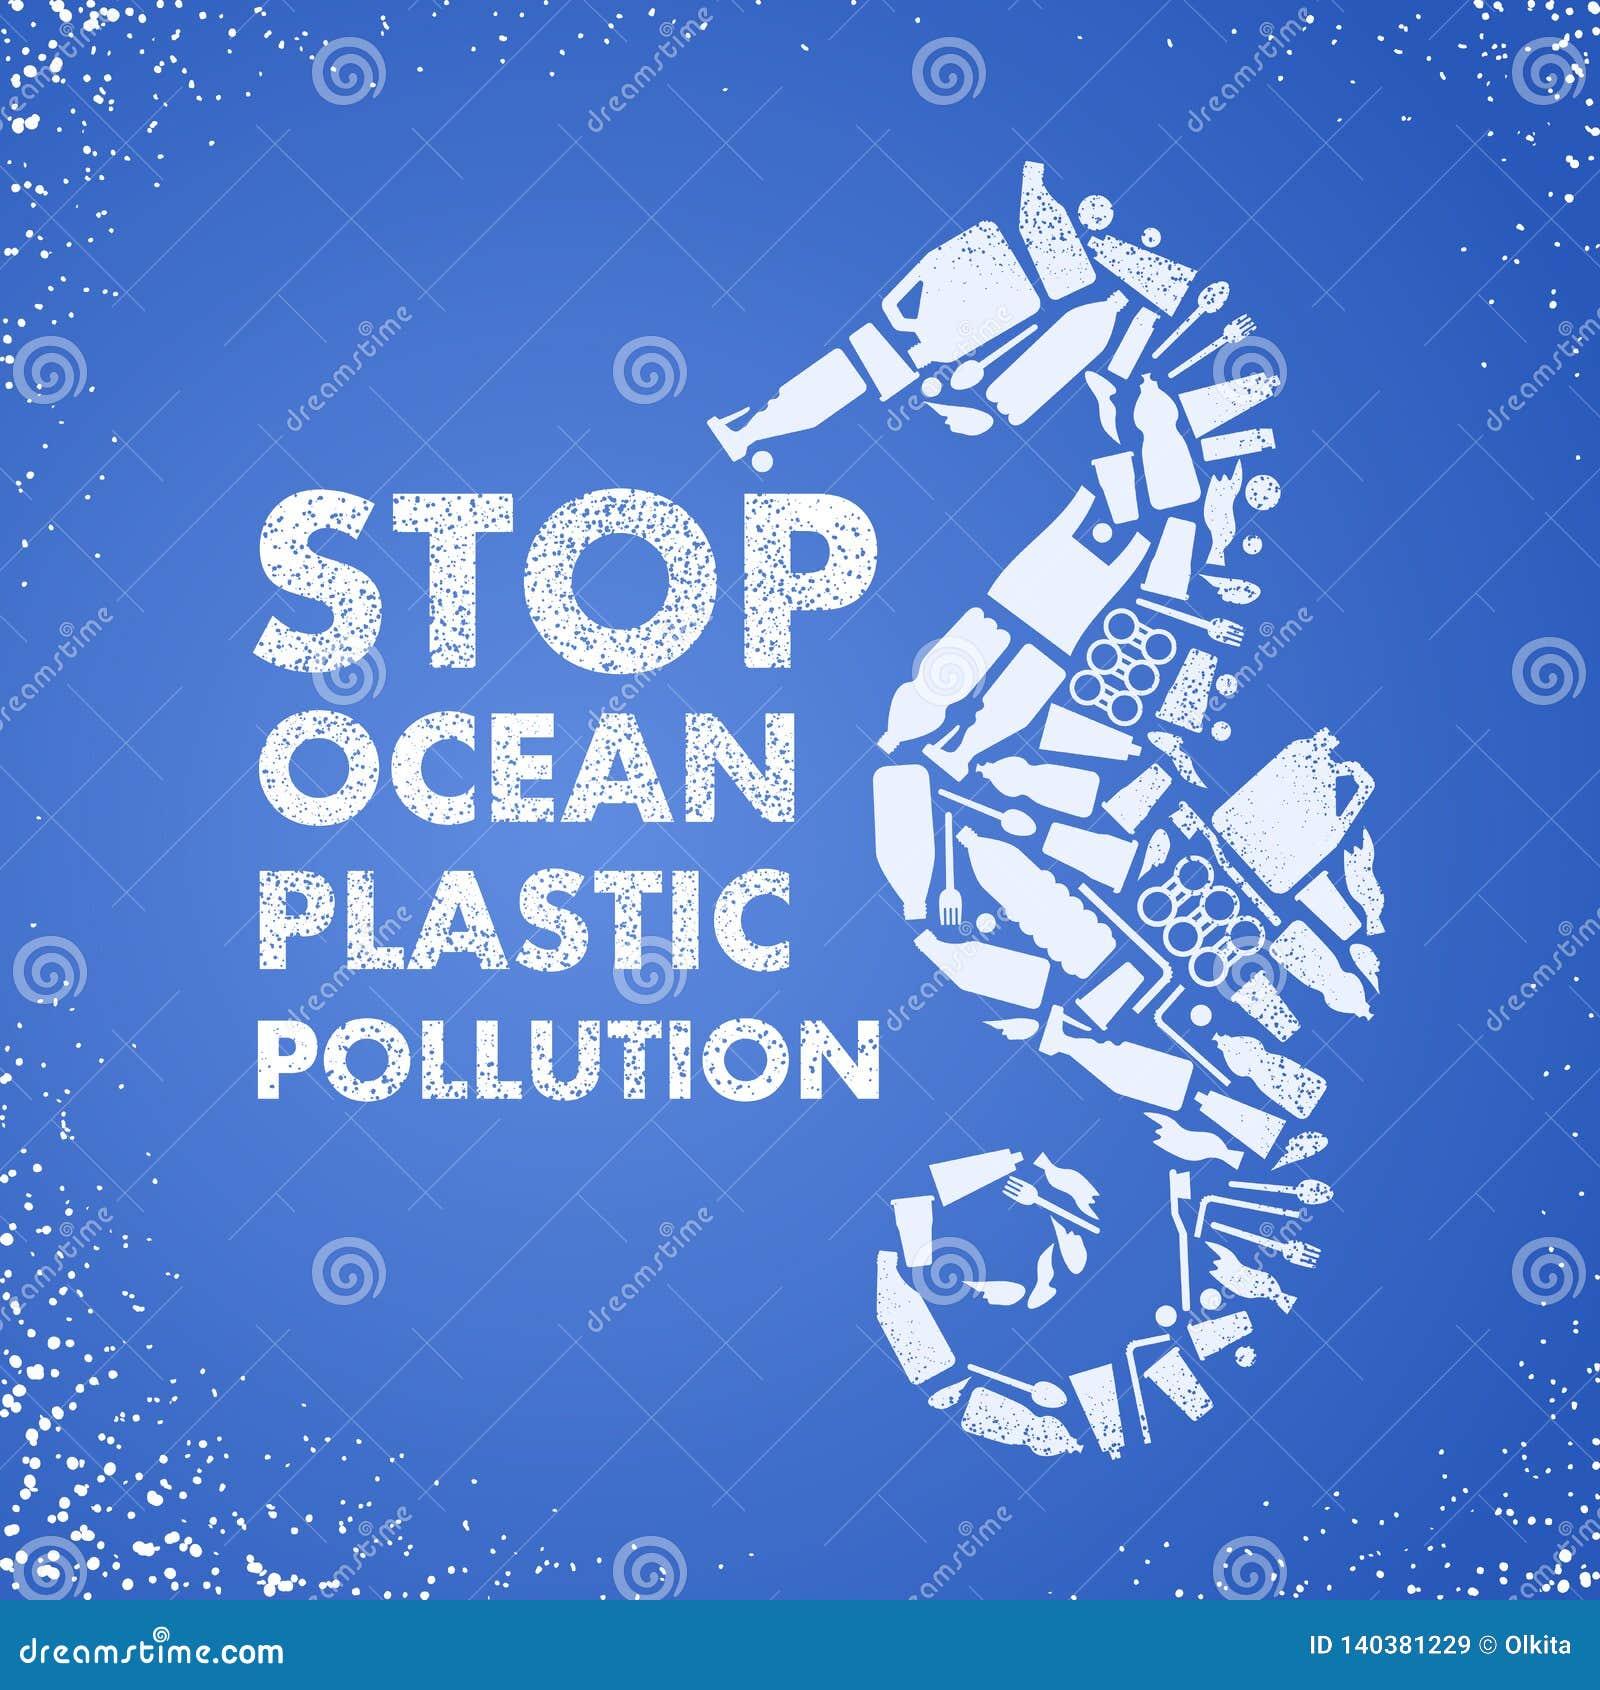 Poluição plástica do oceano da parada Mar-cavalo ecológico do cartaz composto do saco plástico branco do desperdício, garrafa no